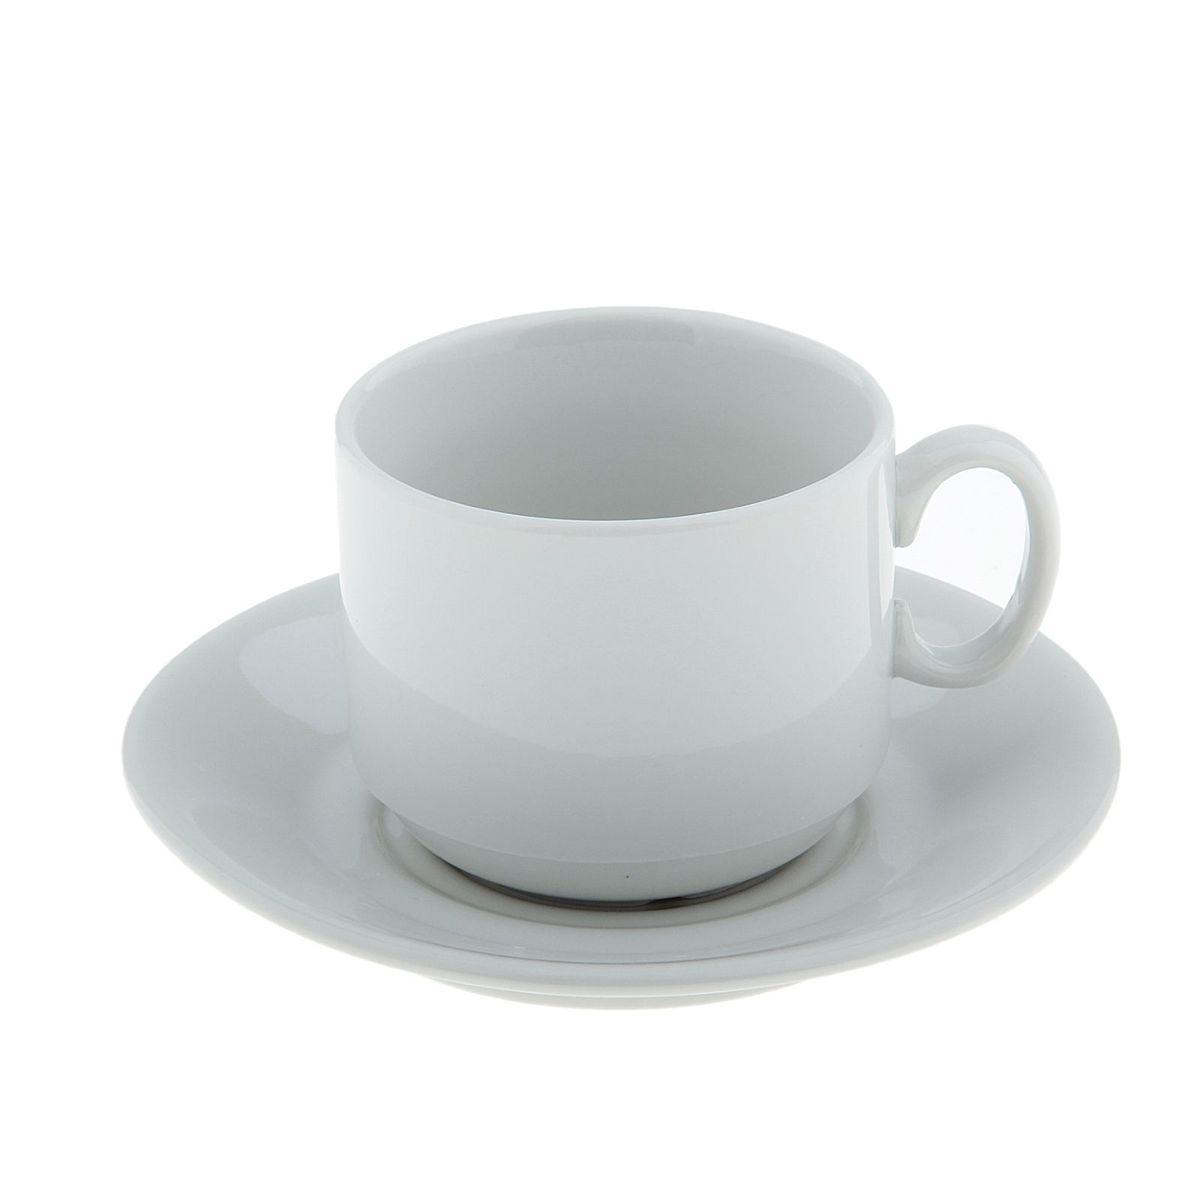 """Чайная пара """"Экспресс. Белье"""" состоит из чашки и блюдца, изготовленных из высококачественного фарфора. Оригинальный дизайн, несомненно, придется вам по вкусу. Чайная пара """"Экспресс. Белье"""" украсит ваш кухонный стол, а также станет замечательным подарком к любому празднику. Объем чашки: 220 мл."""